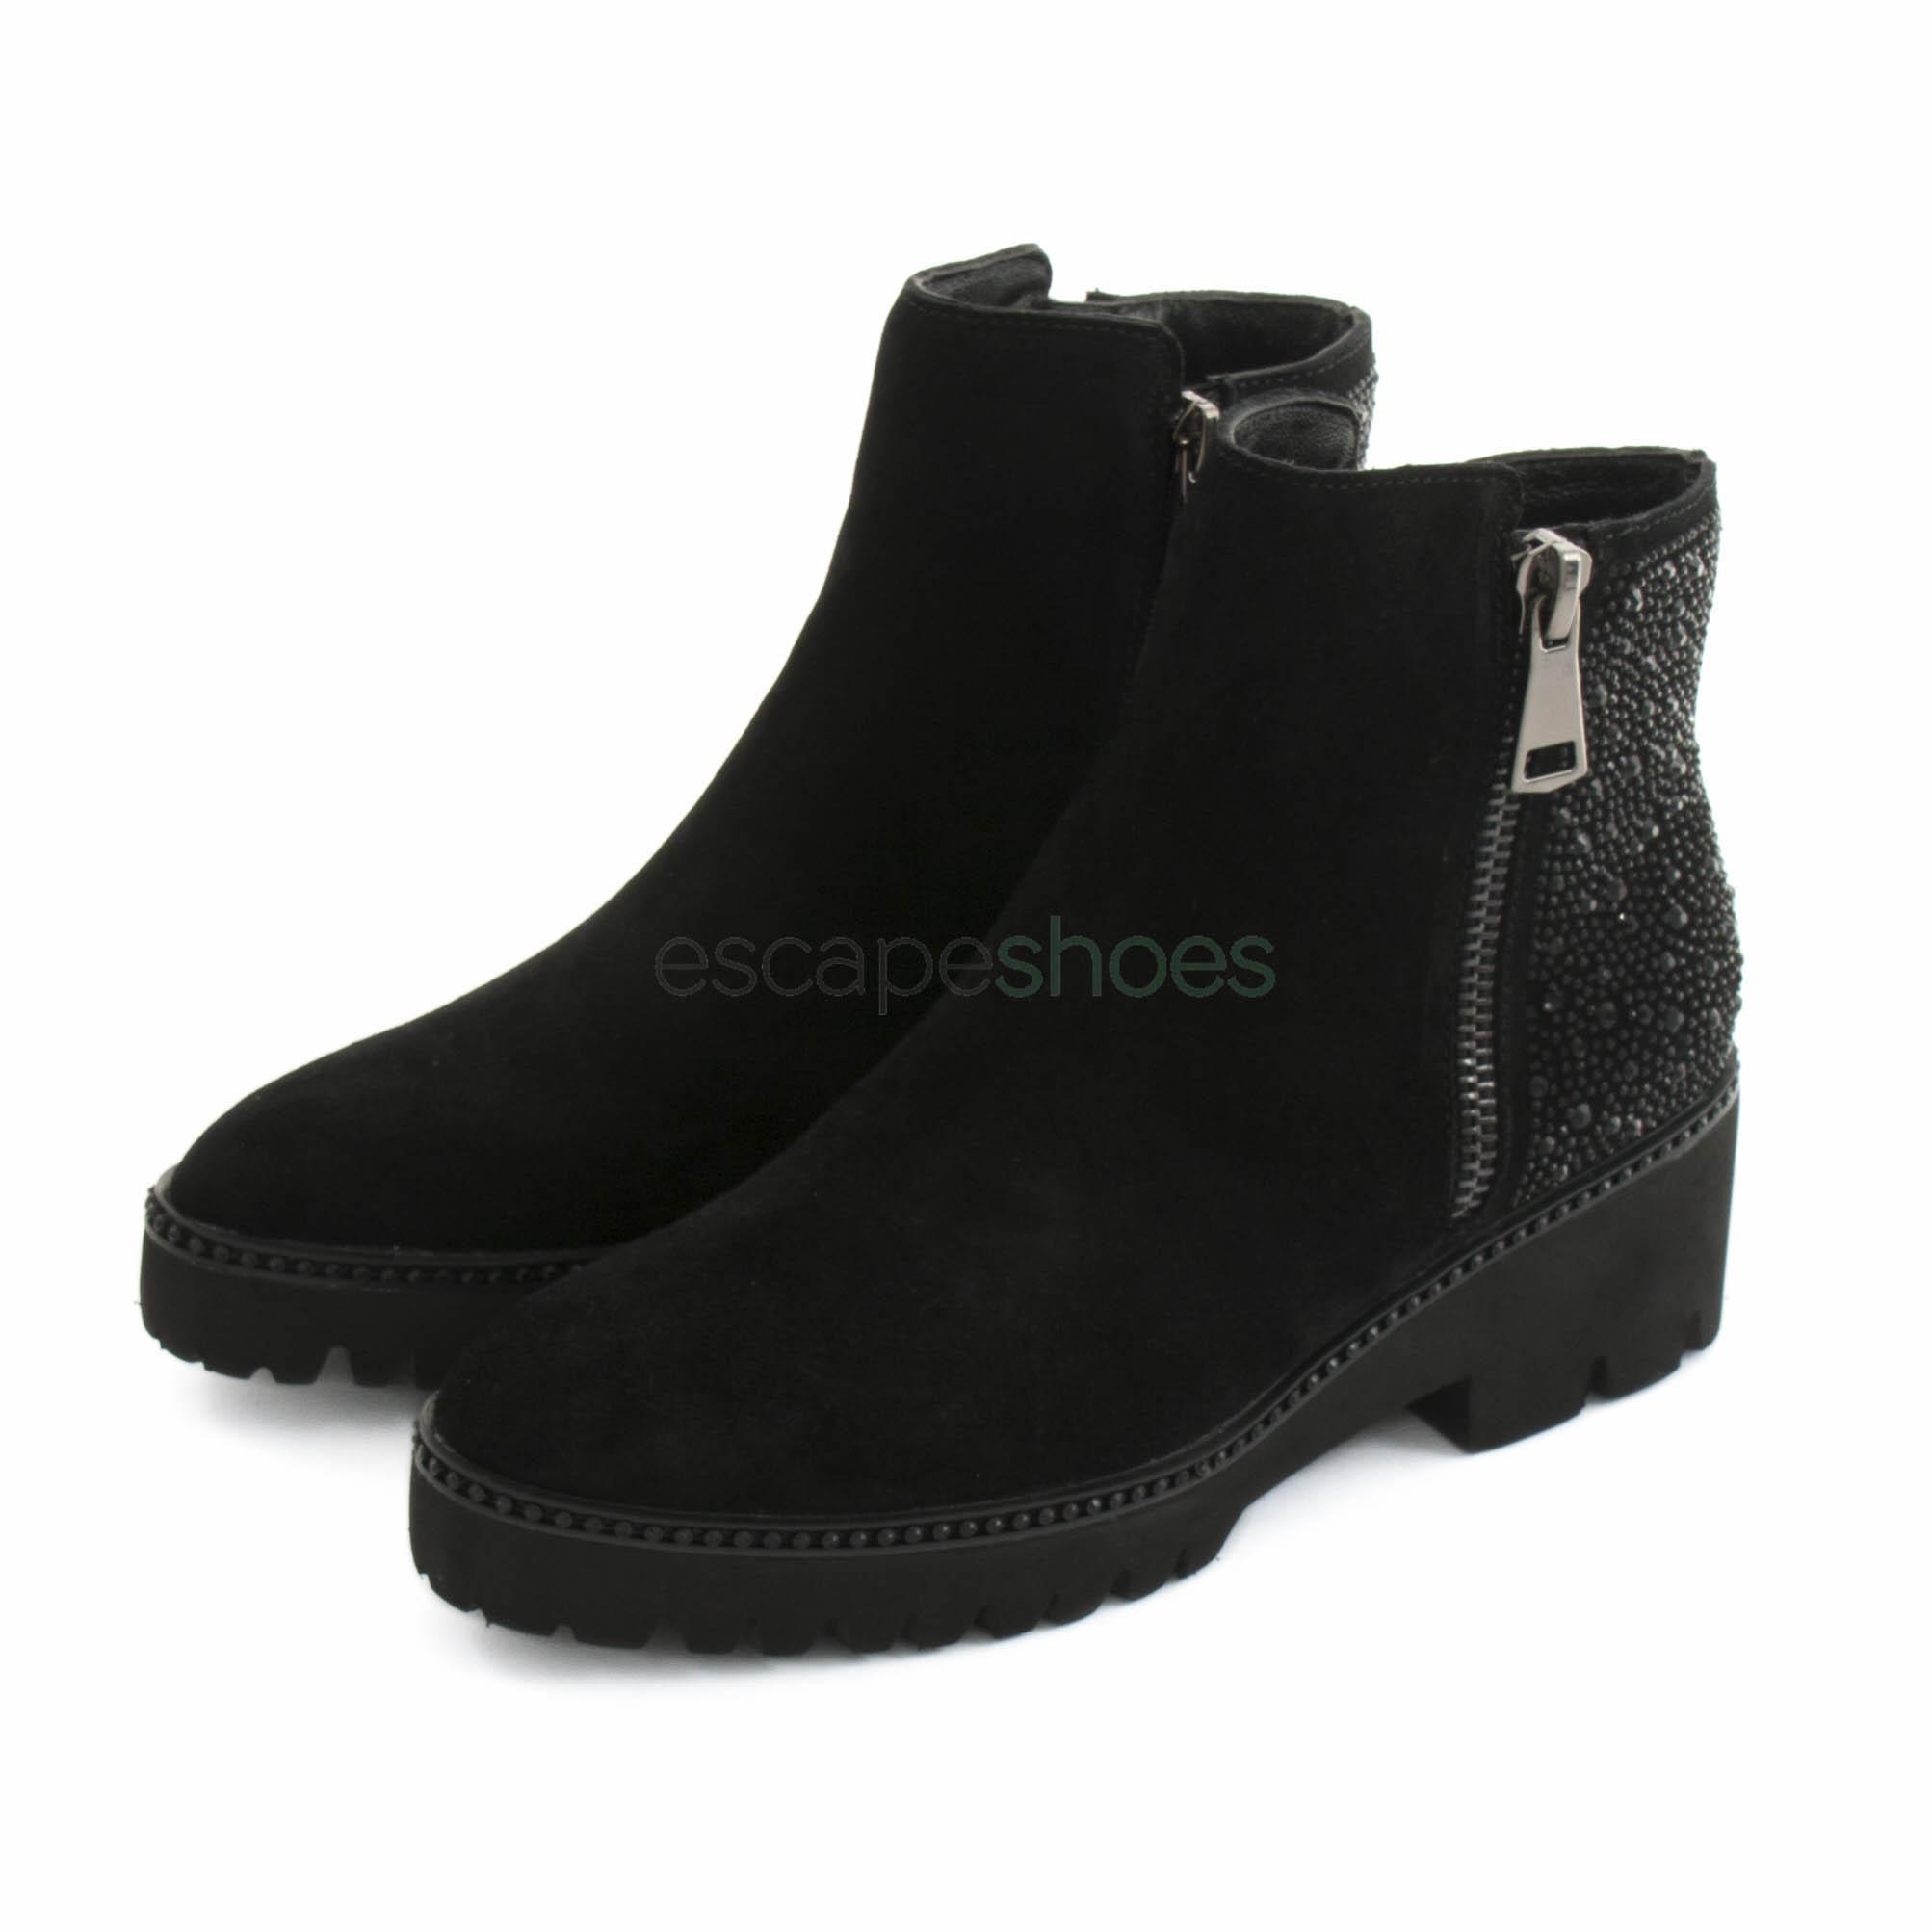 f32a475bb73 Compra aquí tus Botines ALMA EN PENA Crosta Negro   Tienda Online ...